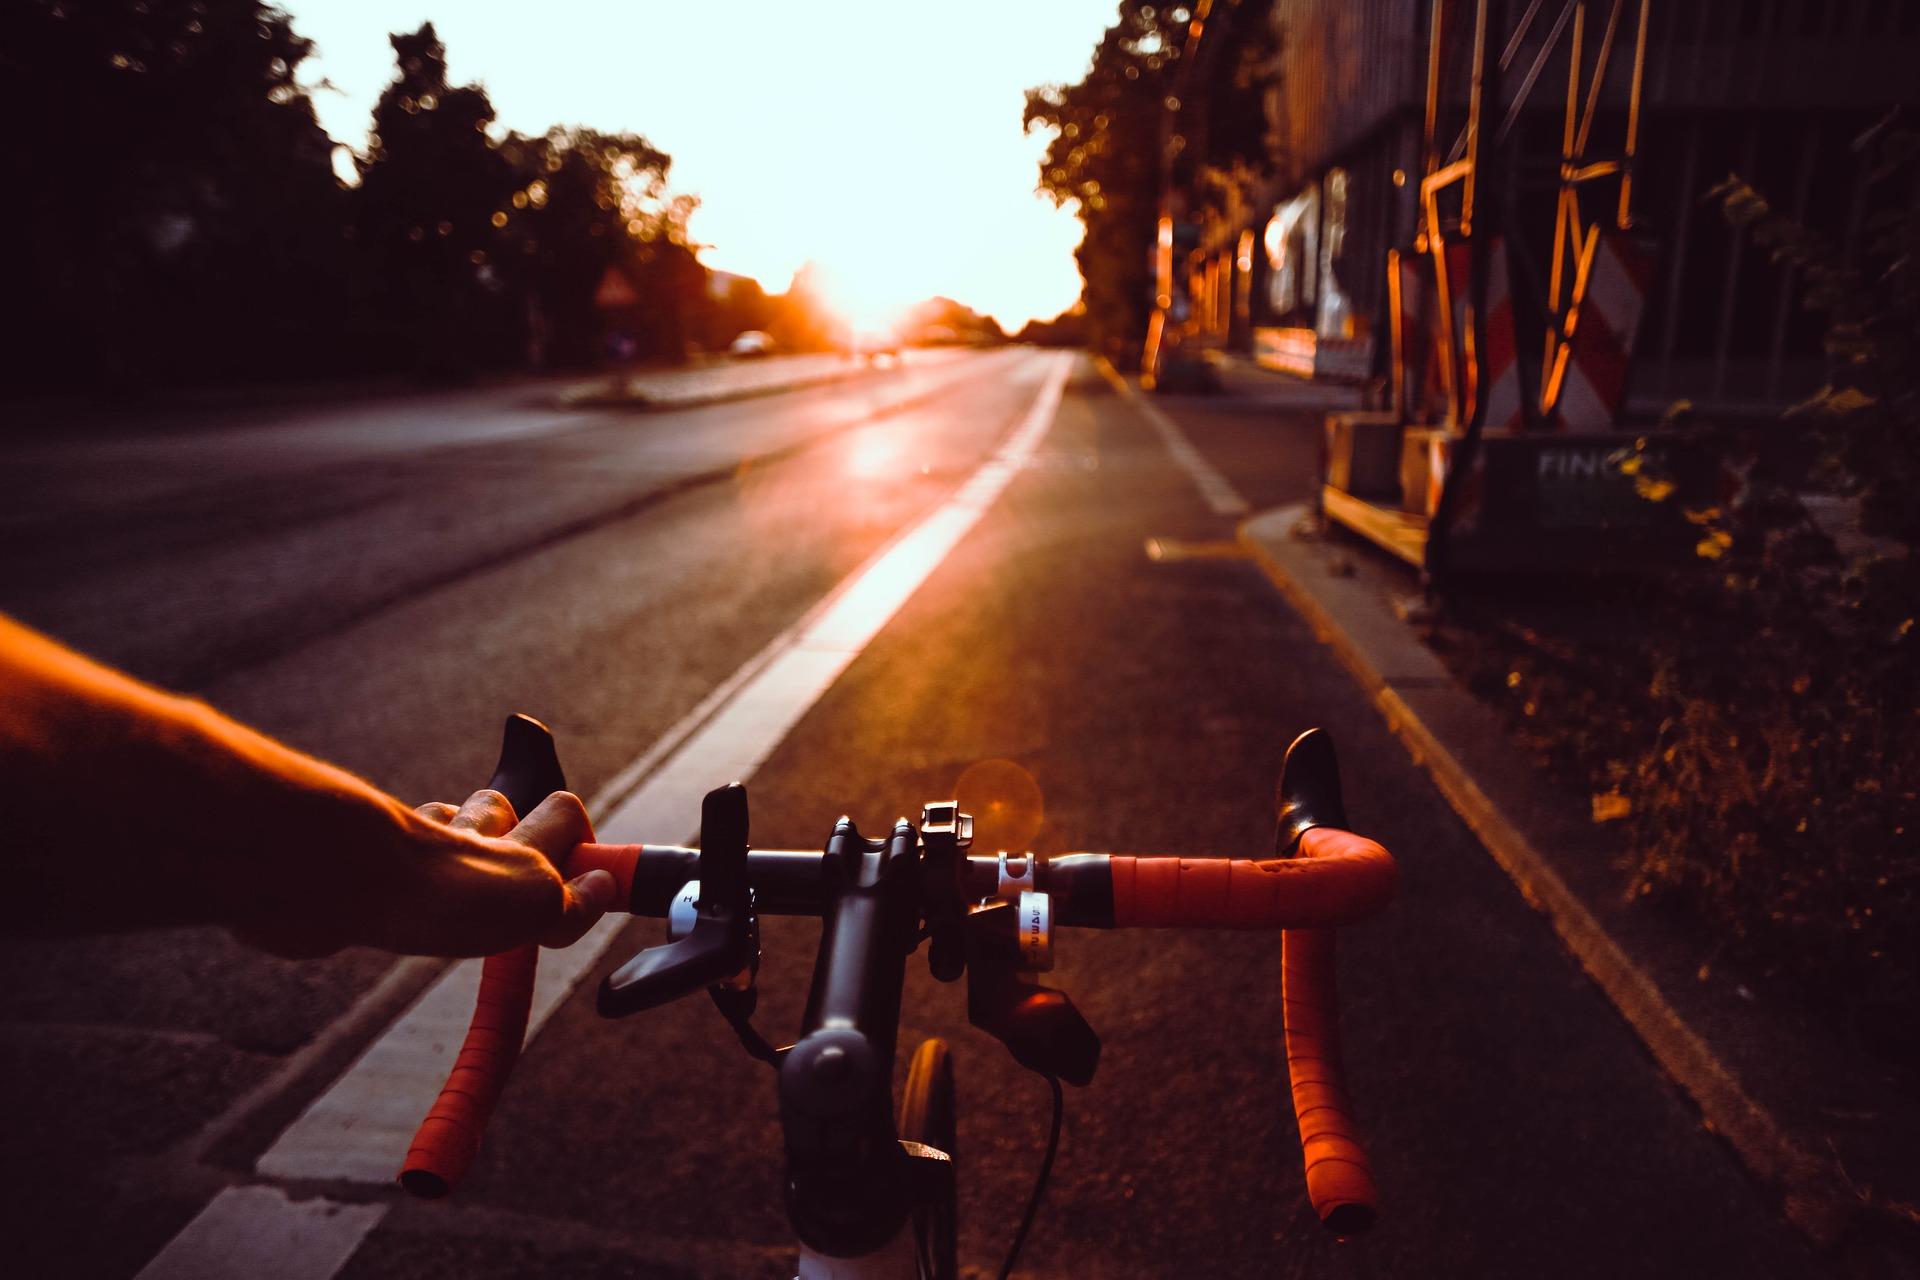 Tipps & Infos - Der Arbeitsweg mit dem Rad